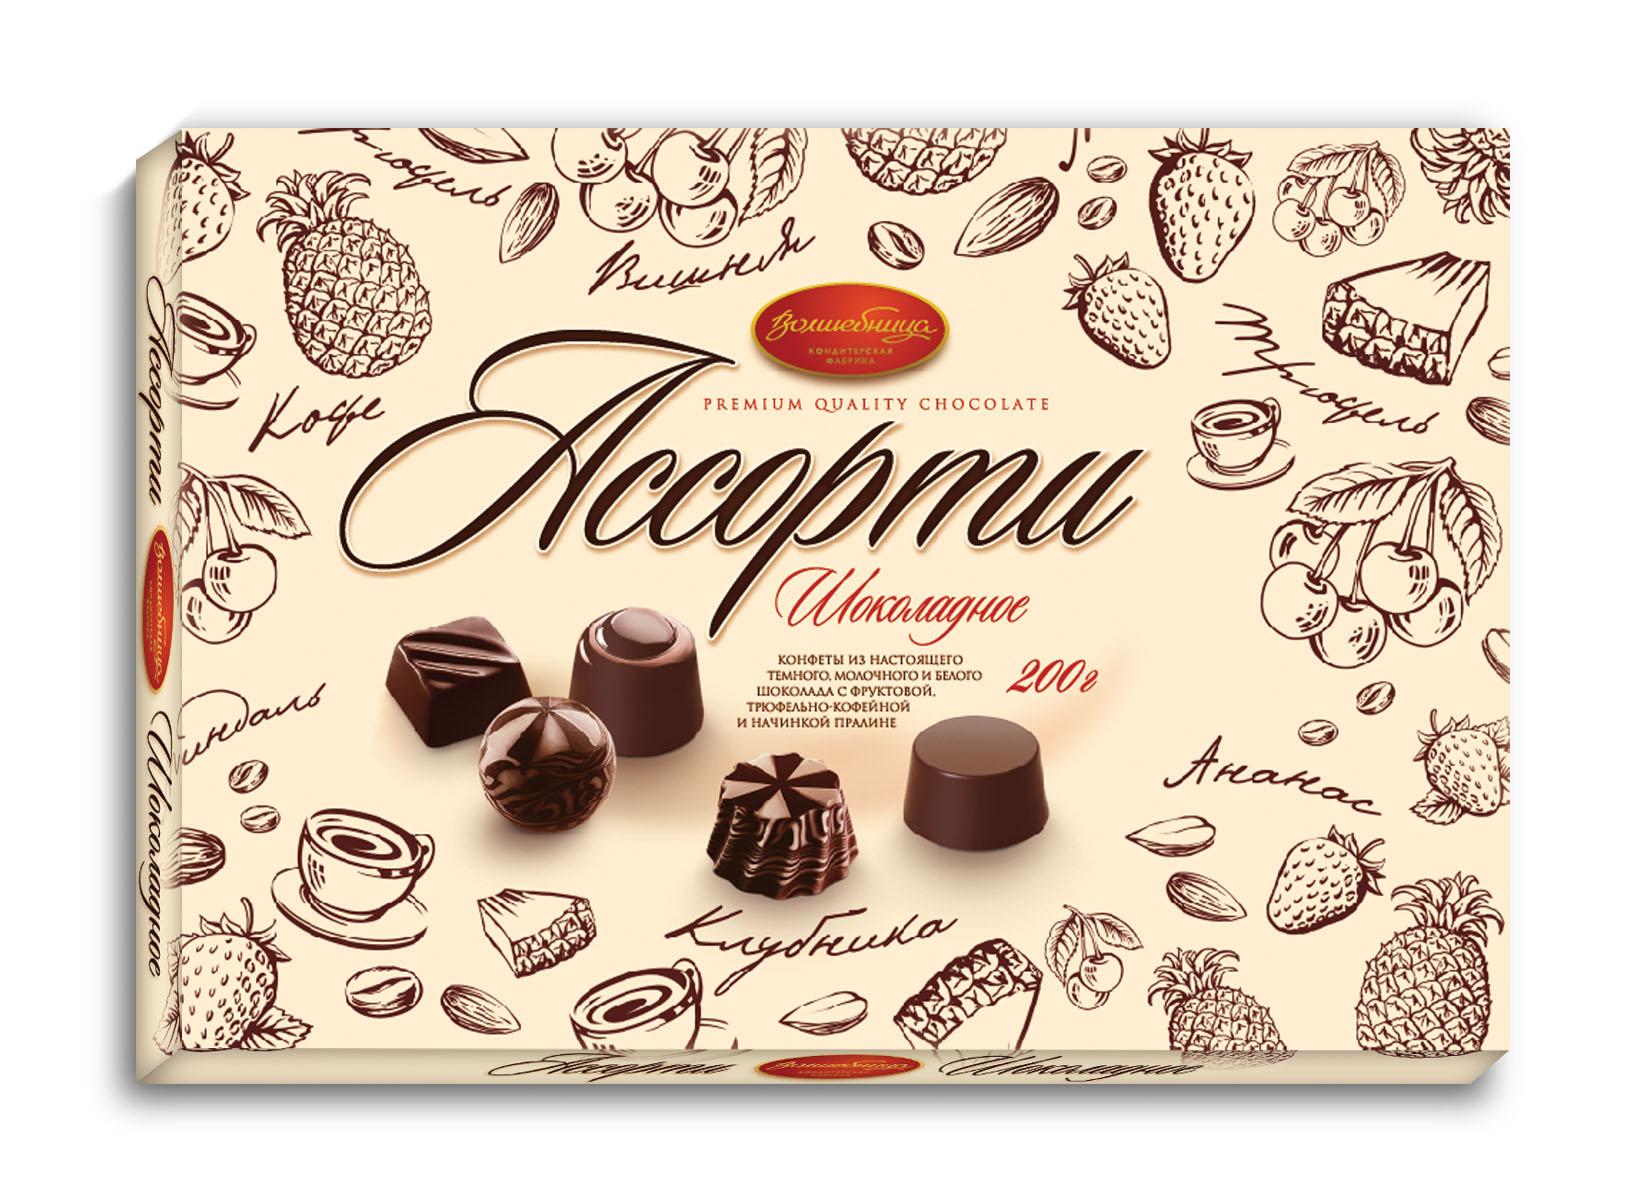 Волшебница конфеты шоколадное ассорти (белые), 200 г конфеты волшебница имбирь в шоколаде 120 г